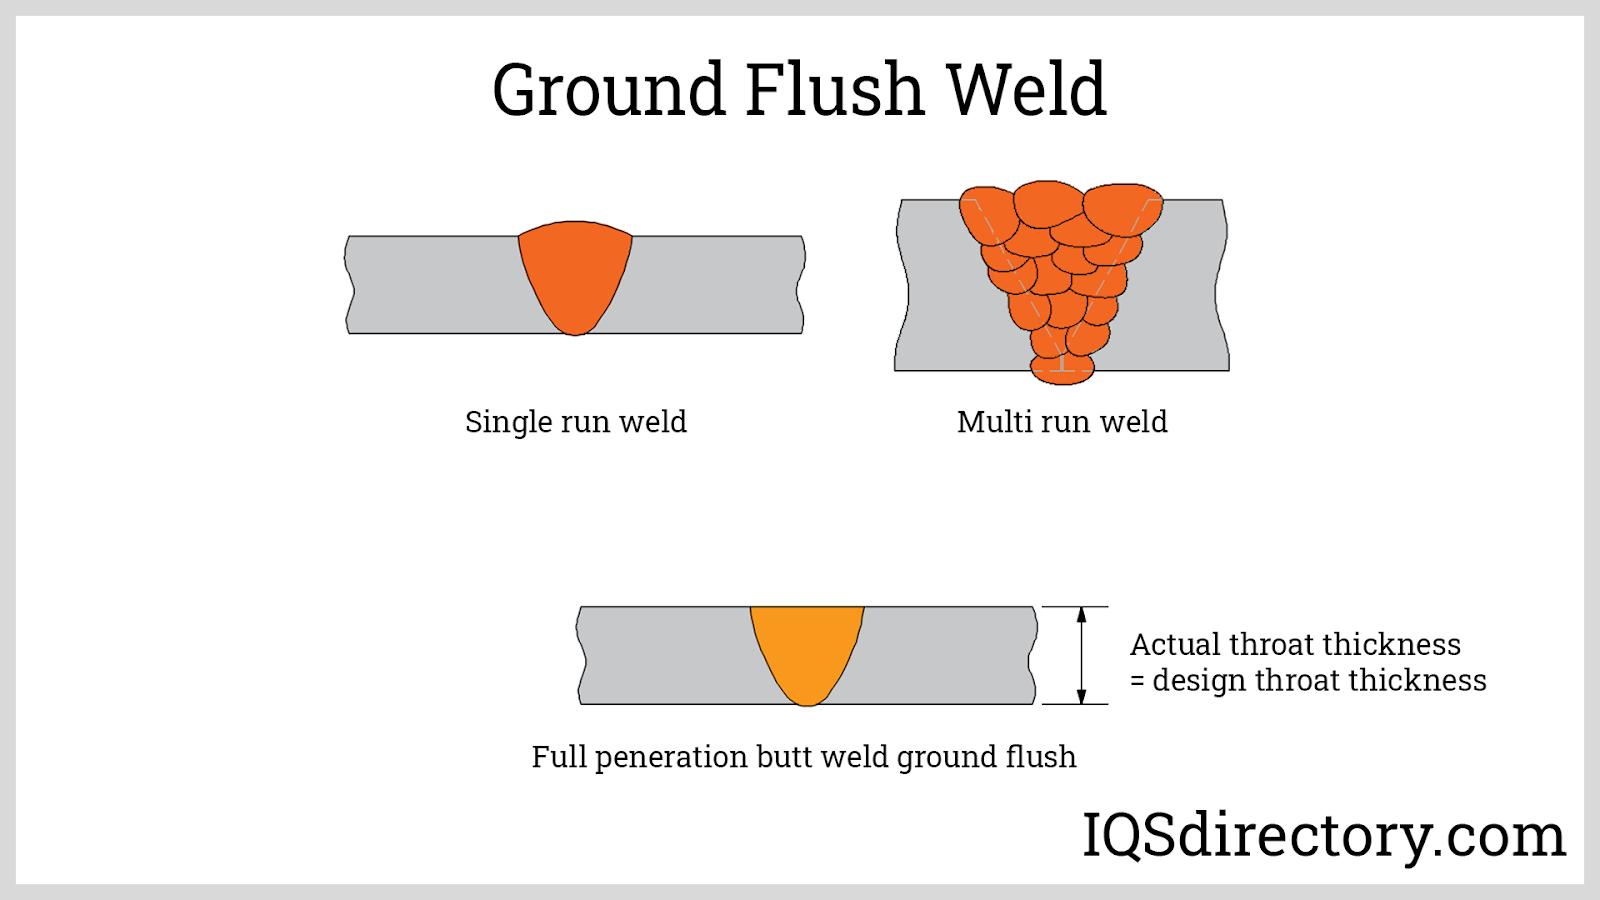 Ground Flush Weld